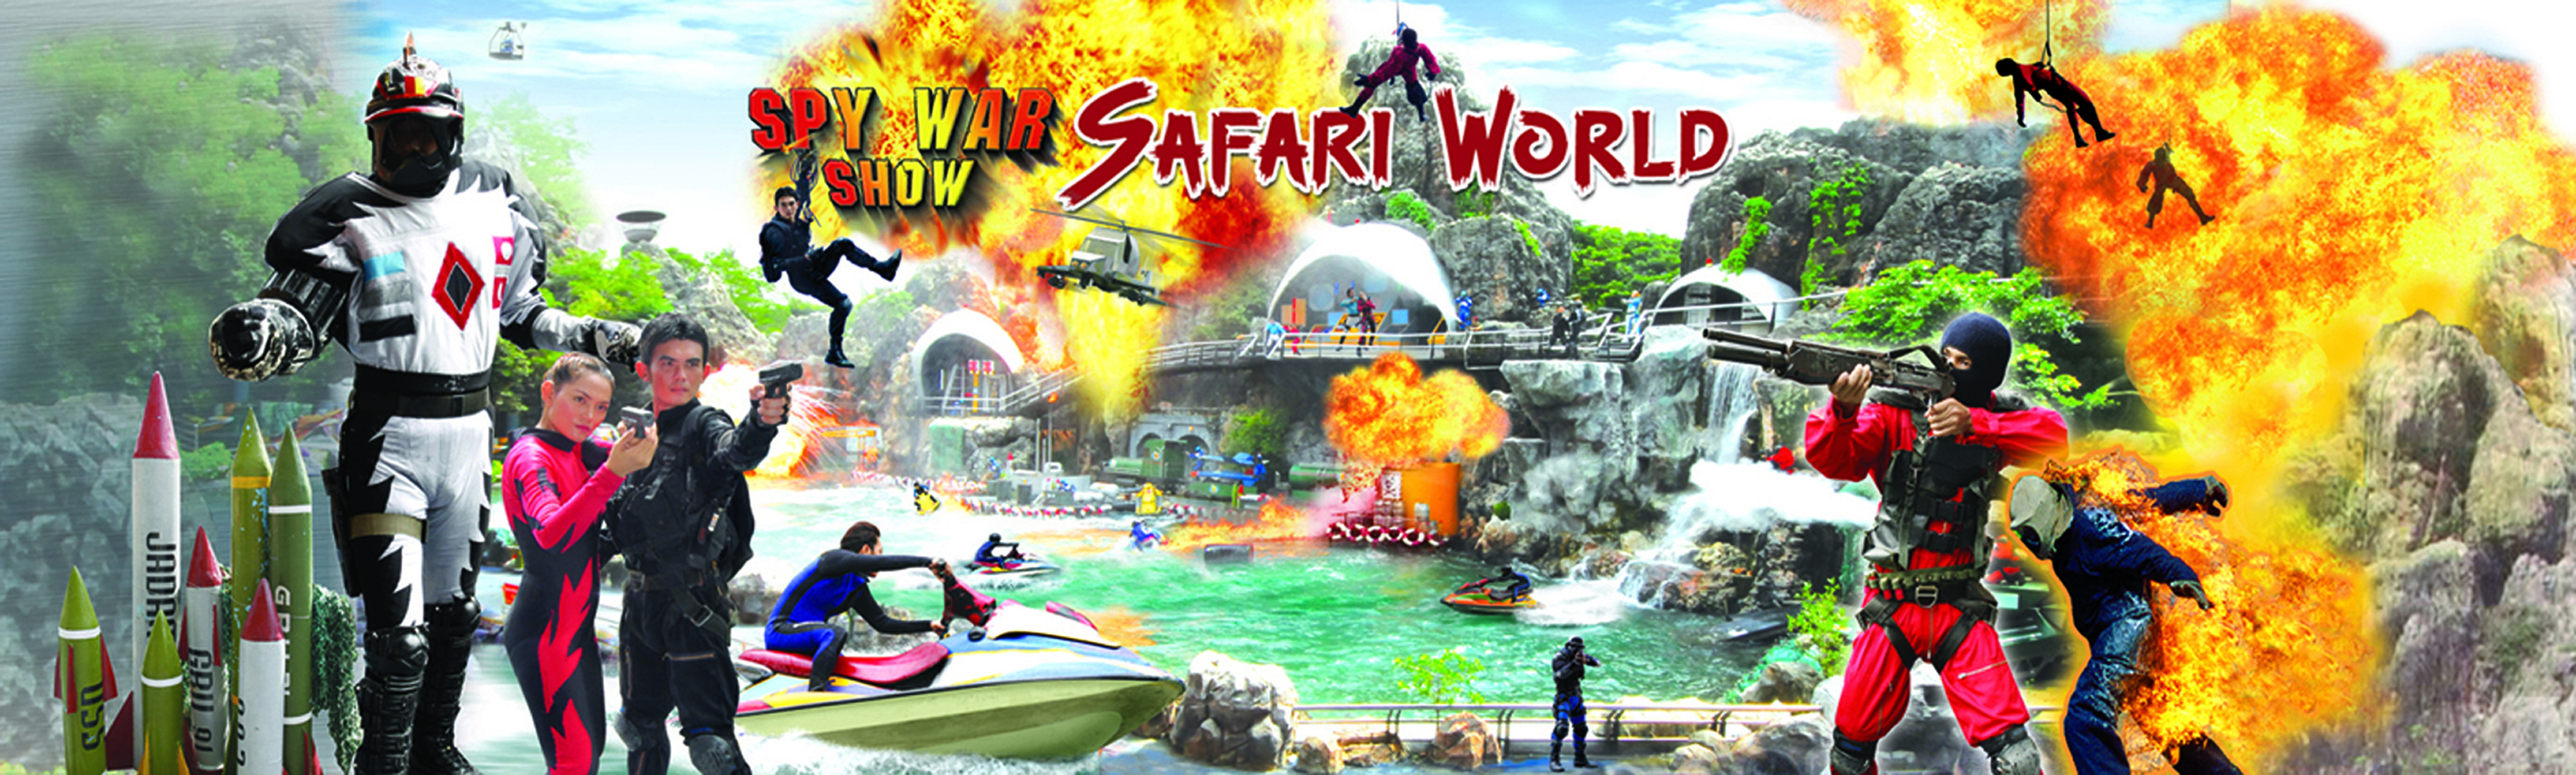 Safari World_10